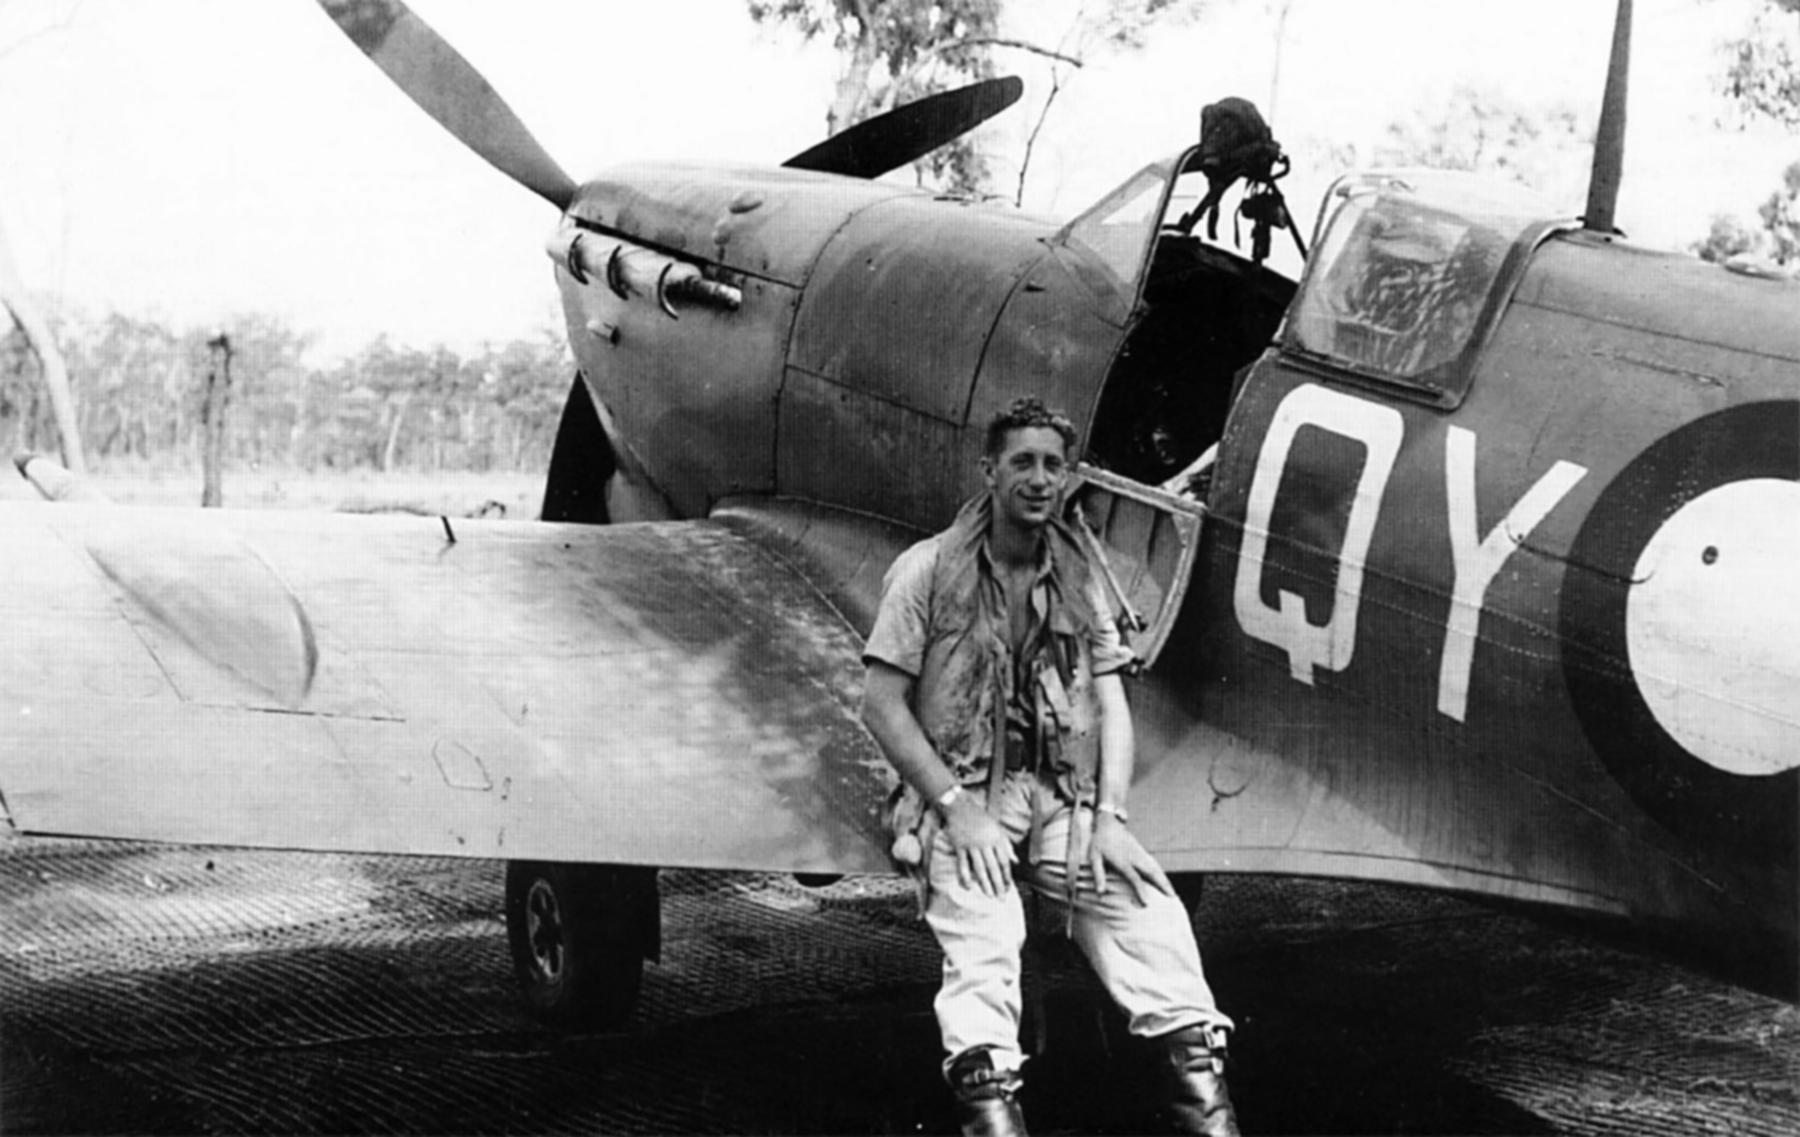 Spitfire MkVcTrop RAAF 452Sqn QYA Colin Ducan BR537 A58 43 Darwin 1943 01